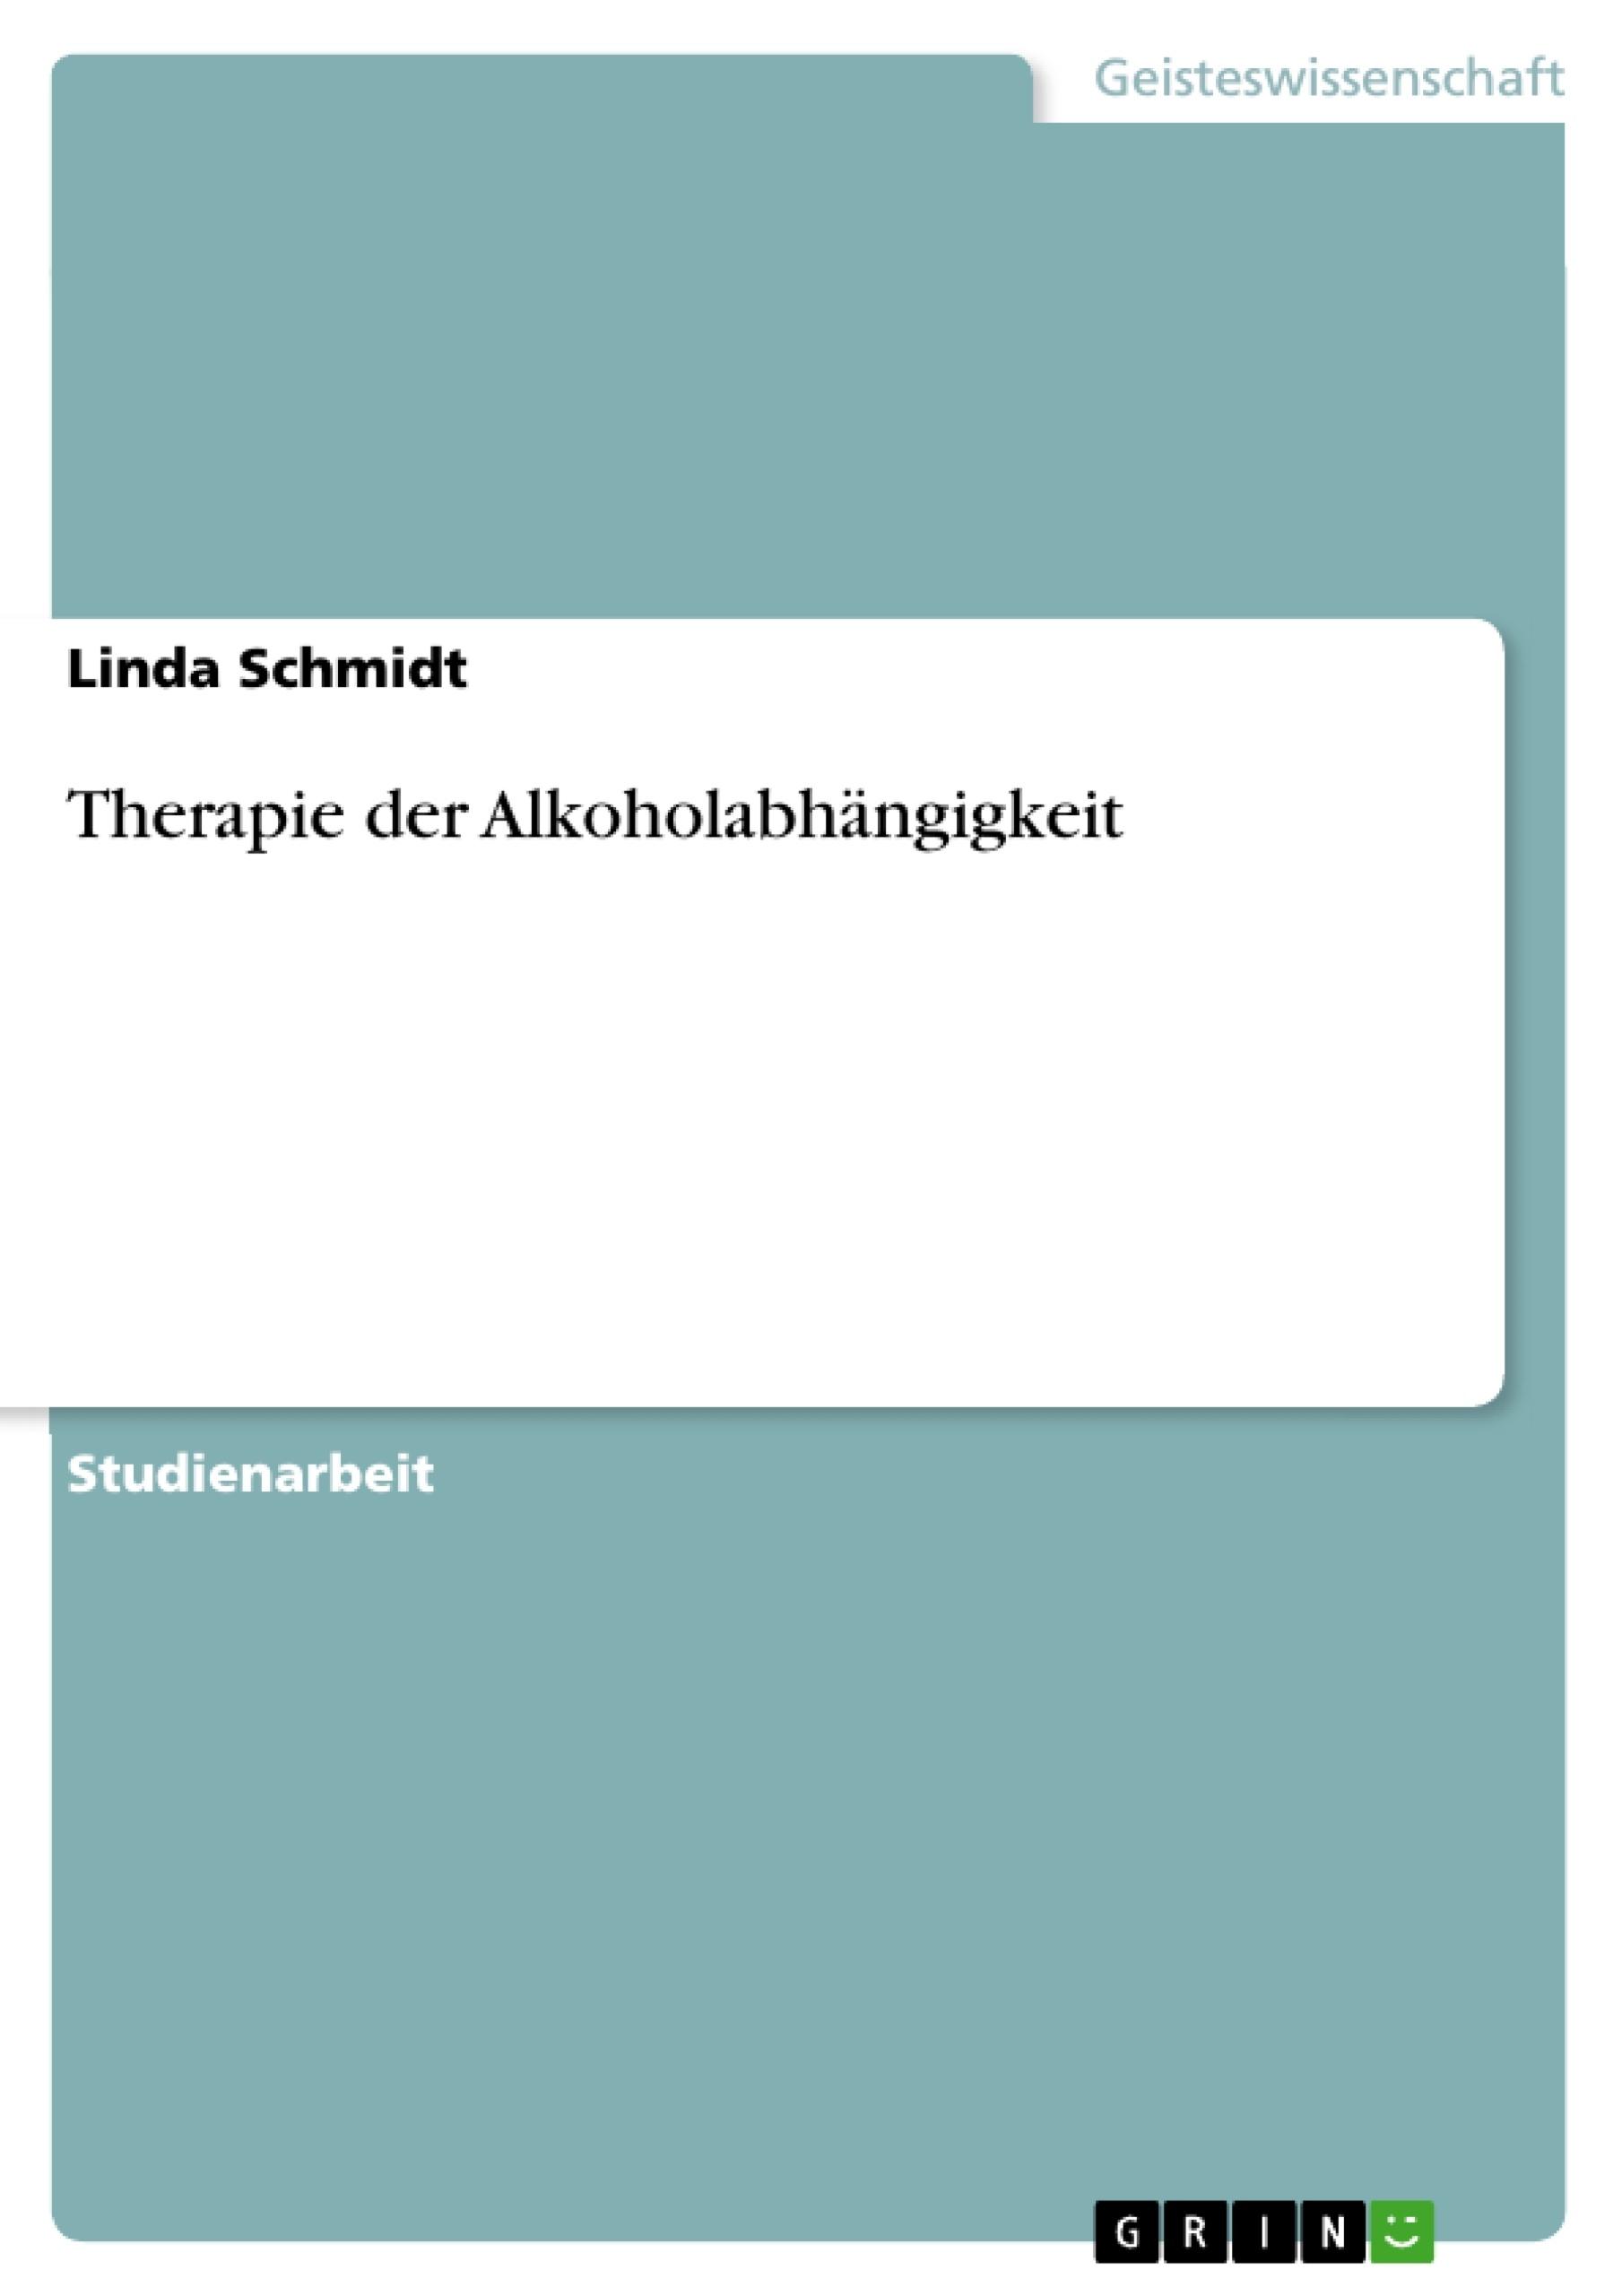 Titel: Therapie der Alkoholabhängigkeit